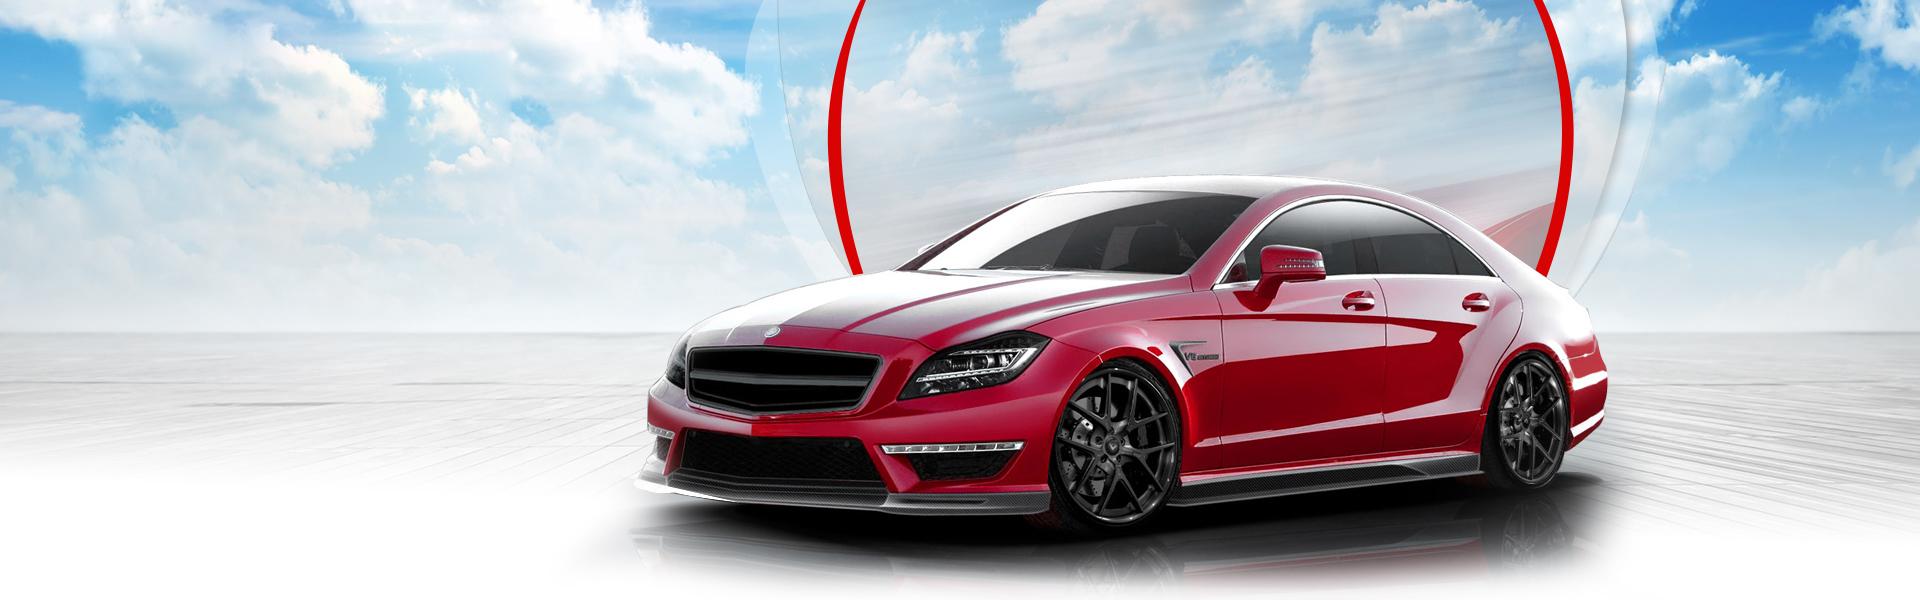 Automotive Show